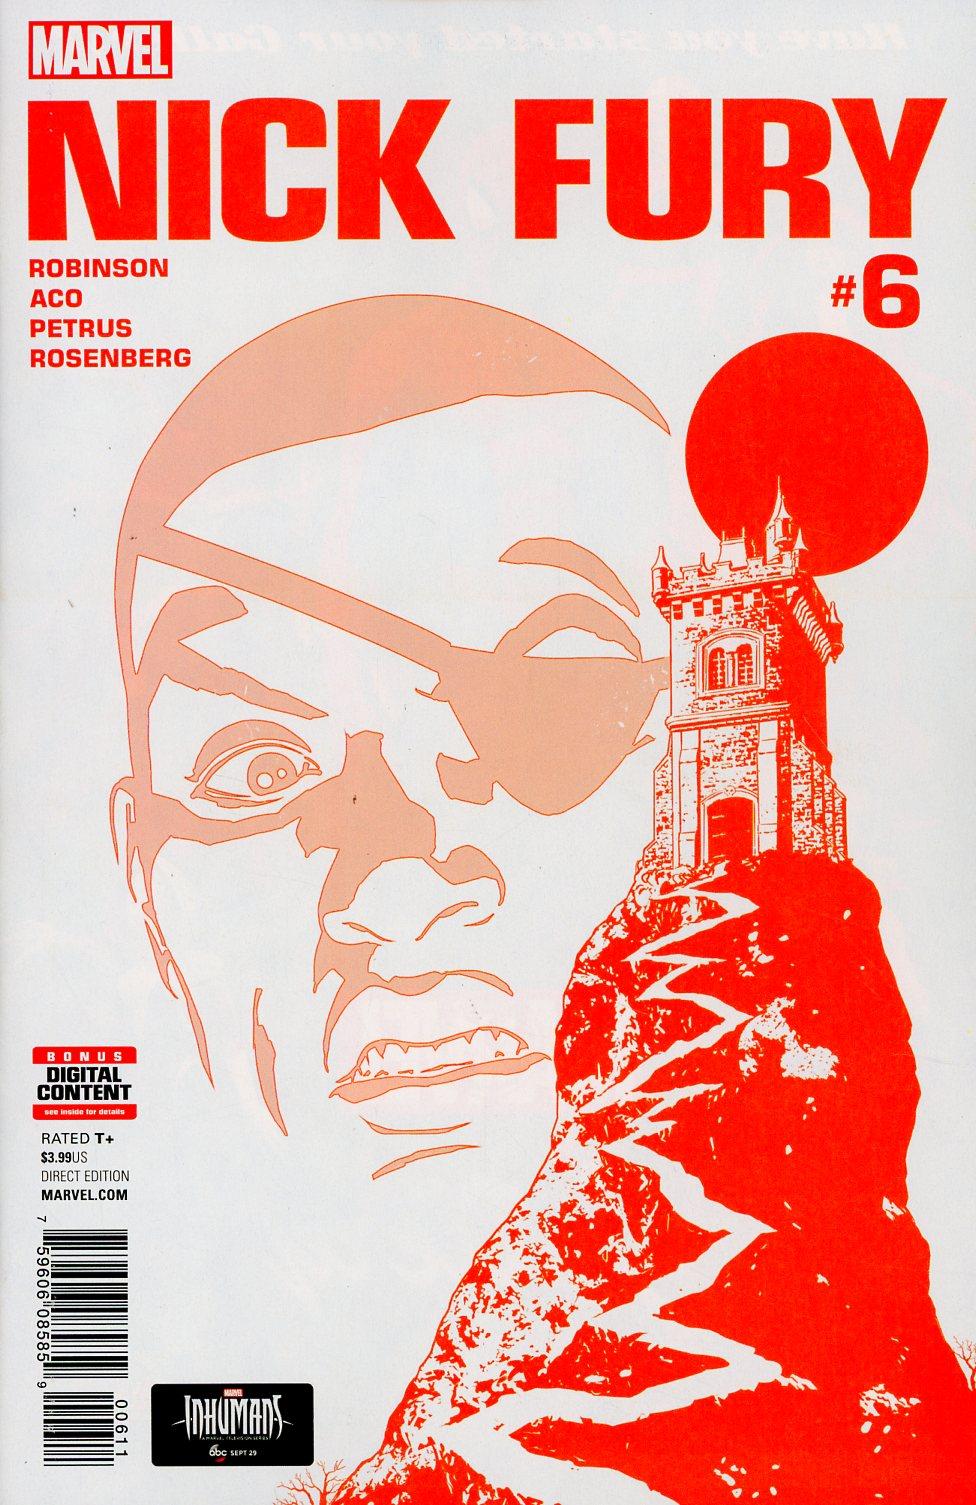 Nick Fury #6 Cover A Regular Aco Cover